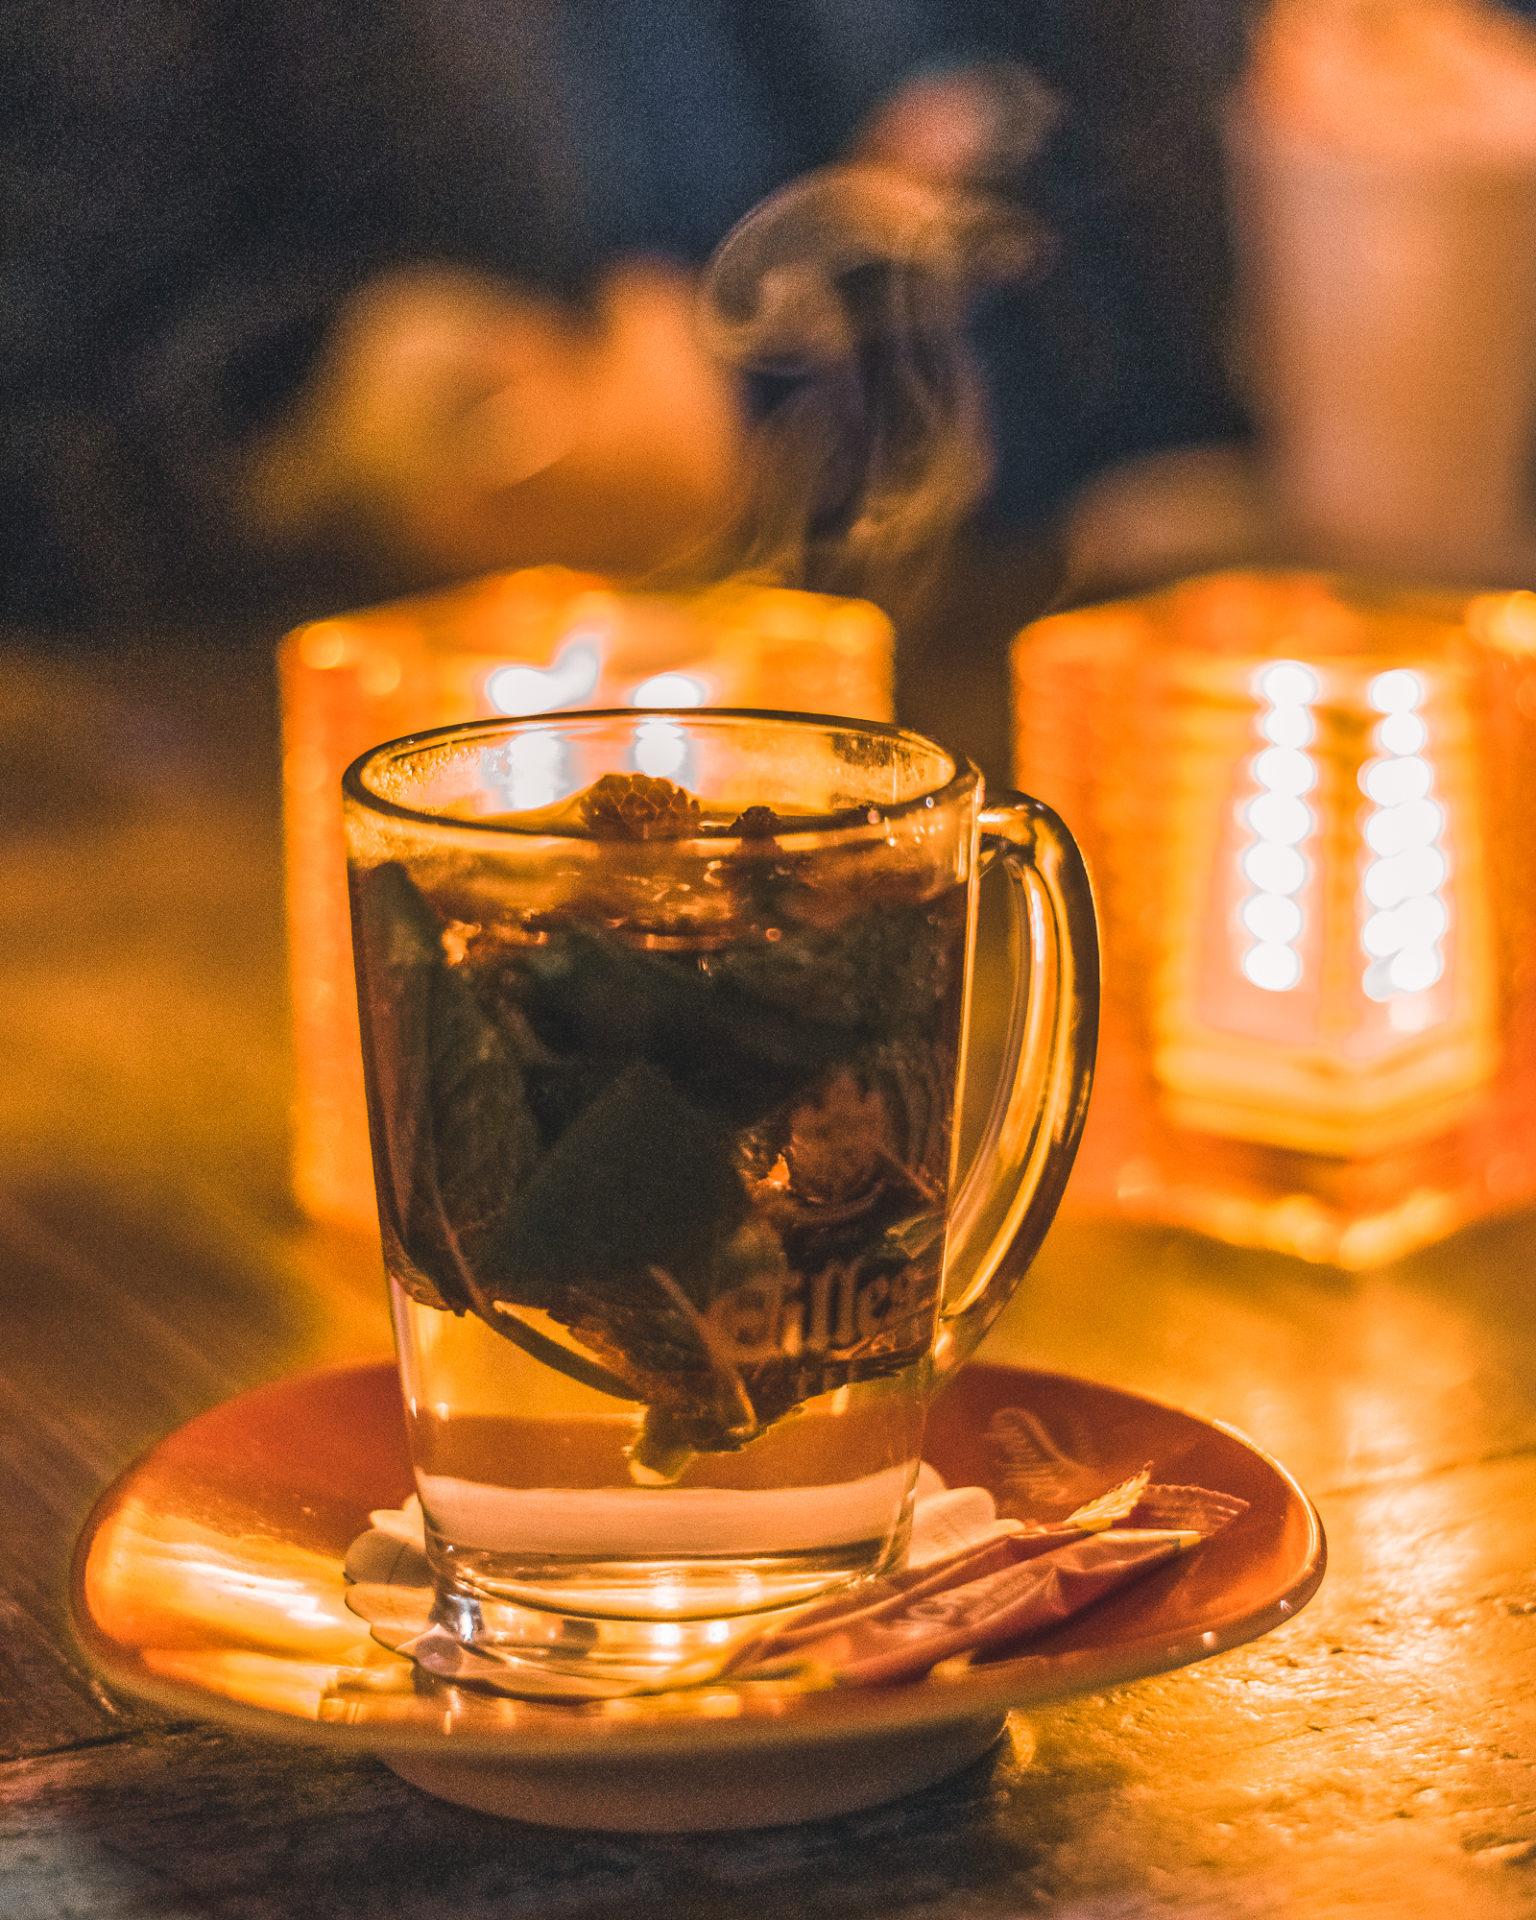 Nahaufnahme eines Glases mit dampfendem Tee im Kerzenlicht